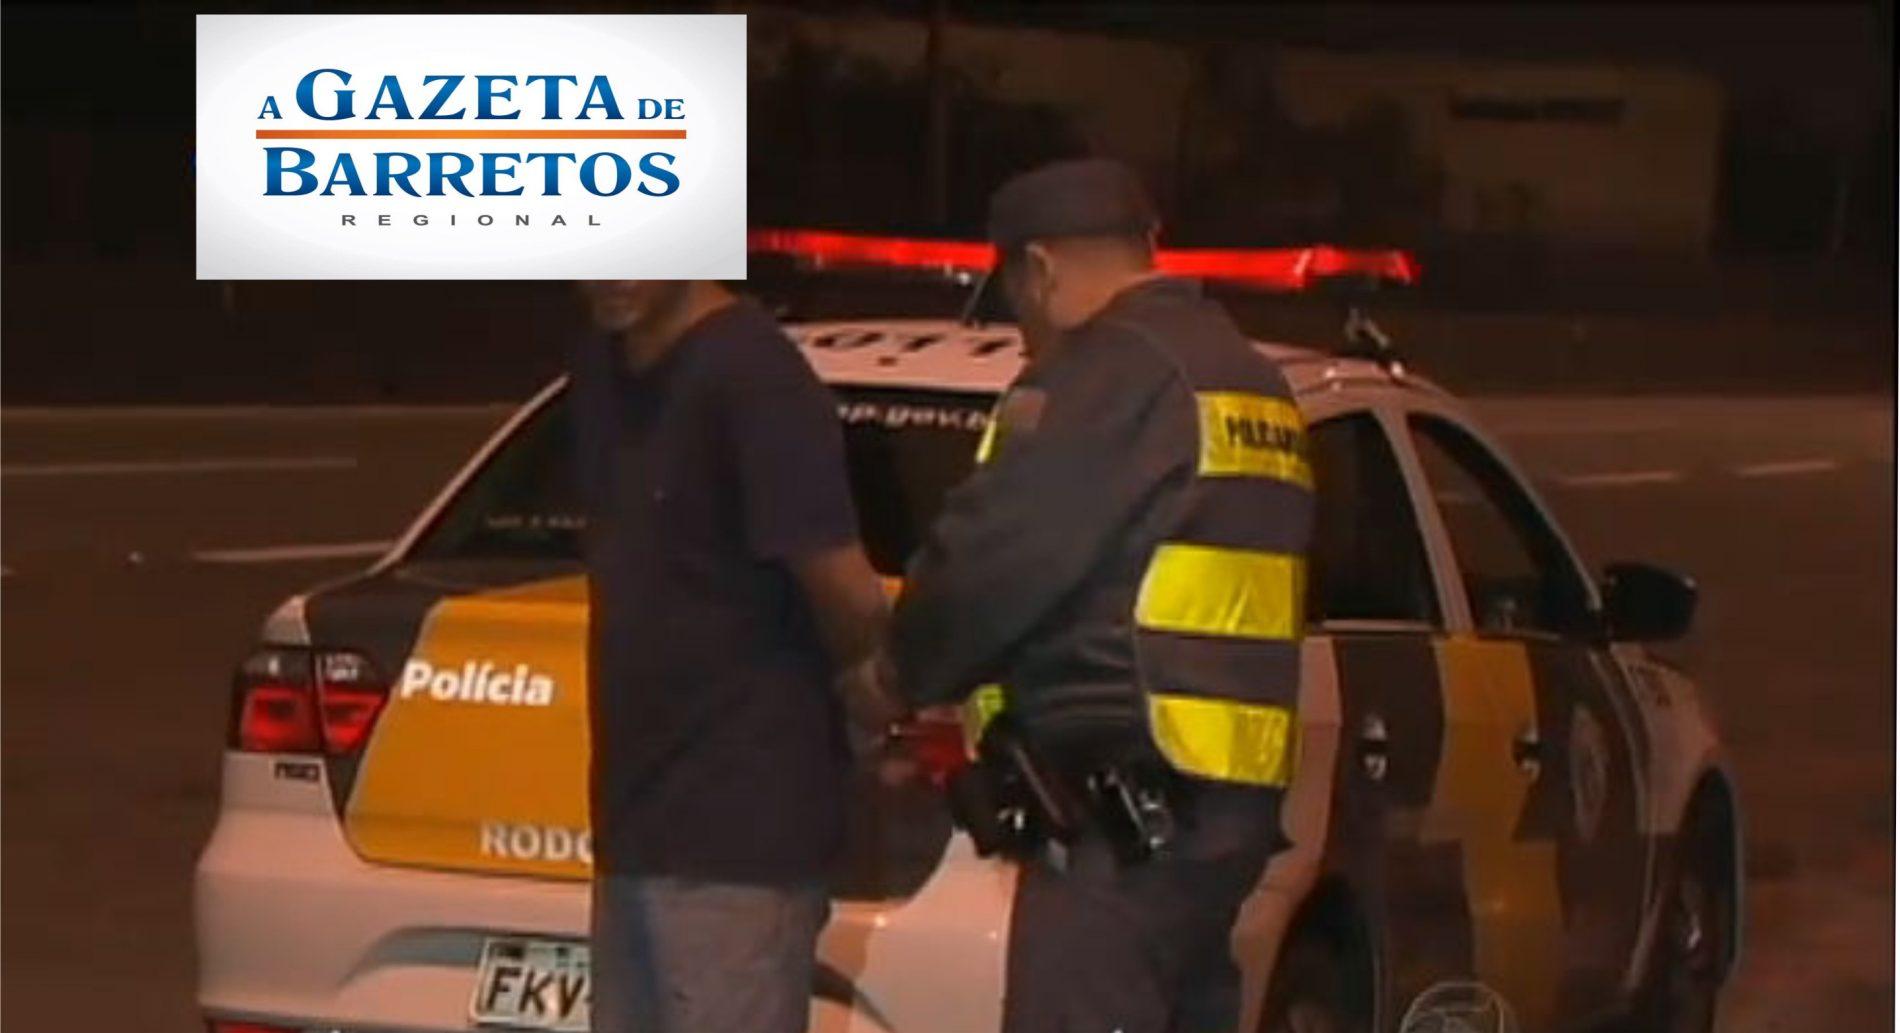 Mecânico é preso por dirigir embriagado na rodovia